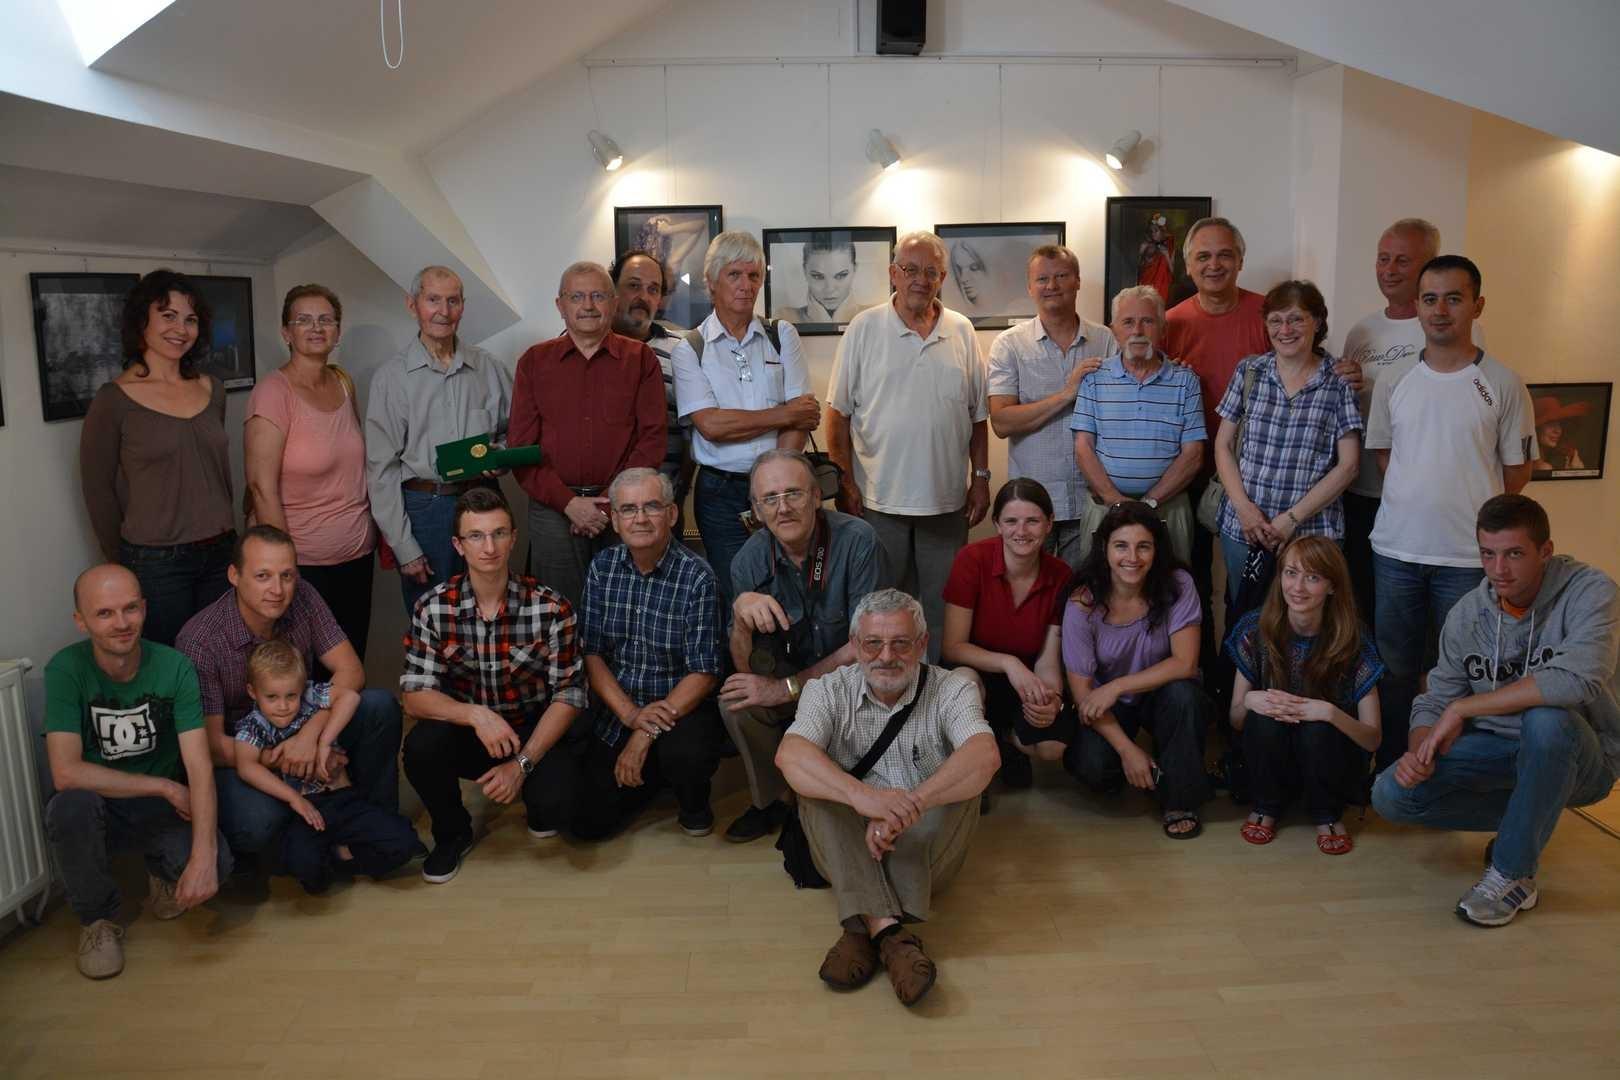 11.07.2014 - Targu Mures (RO)